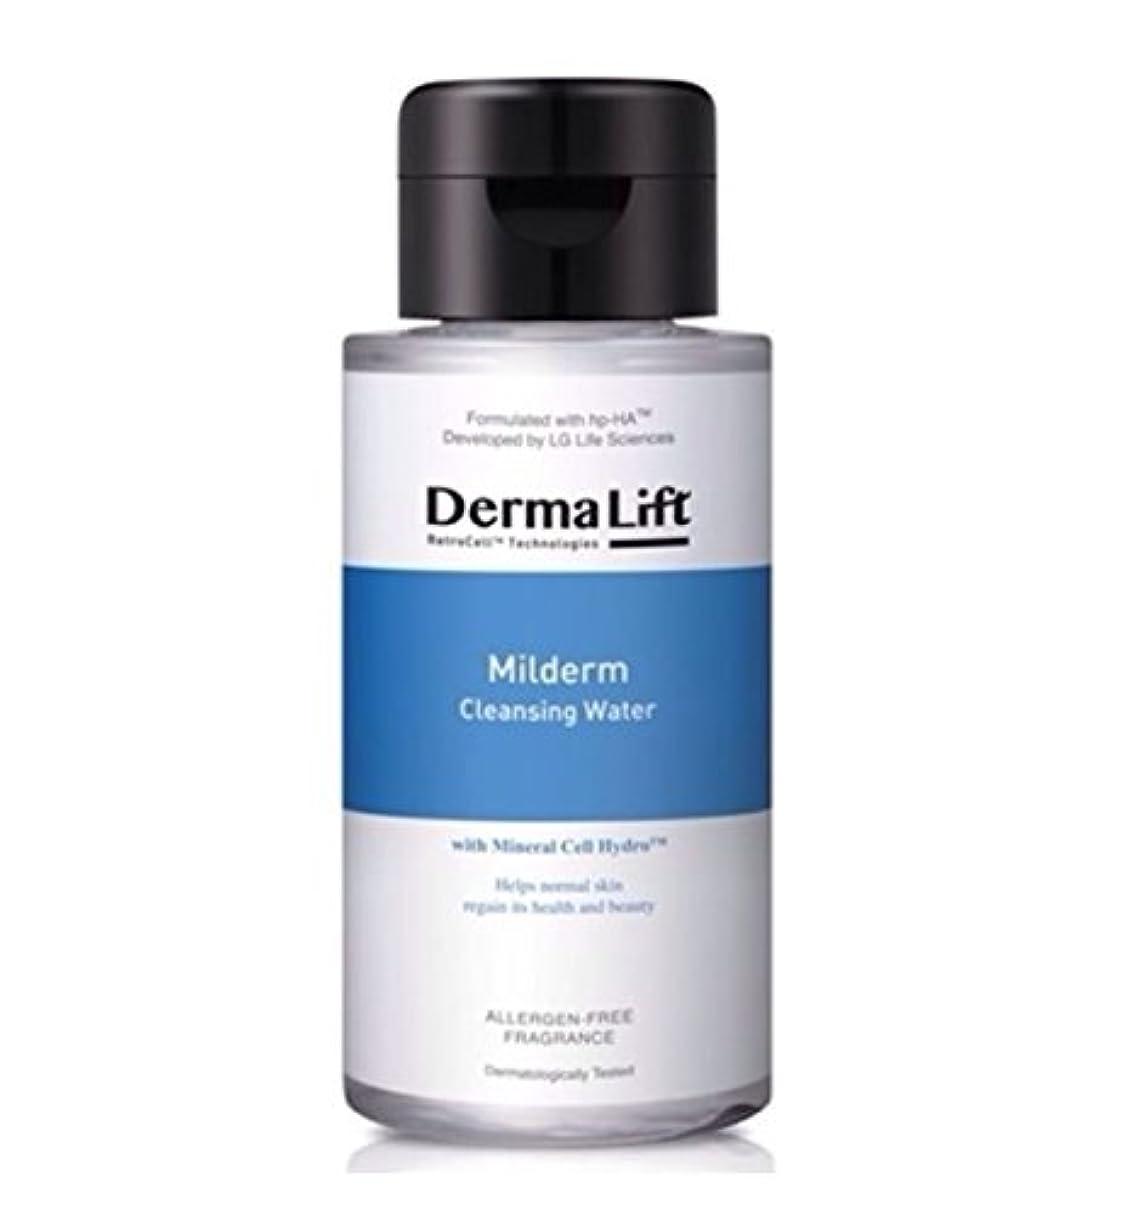 タイル結晶意図するDerma Lift ダーマリフトマイルおまけクレンジングウォーター 300ml / Derma Lift MILDERM CLEANSING WATER 300ml [海外直送品]